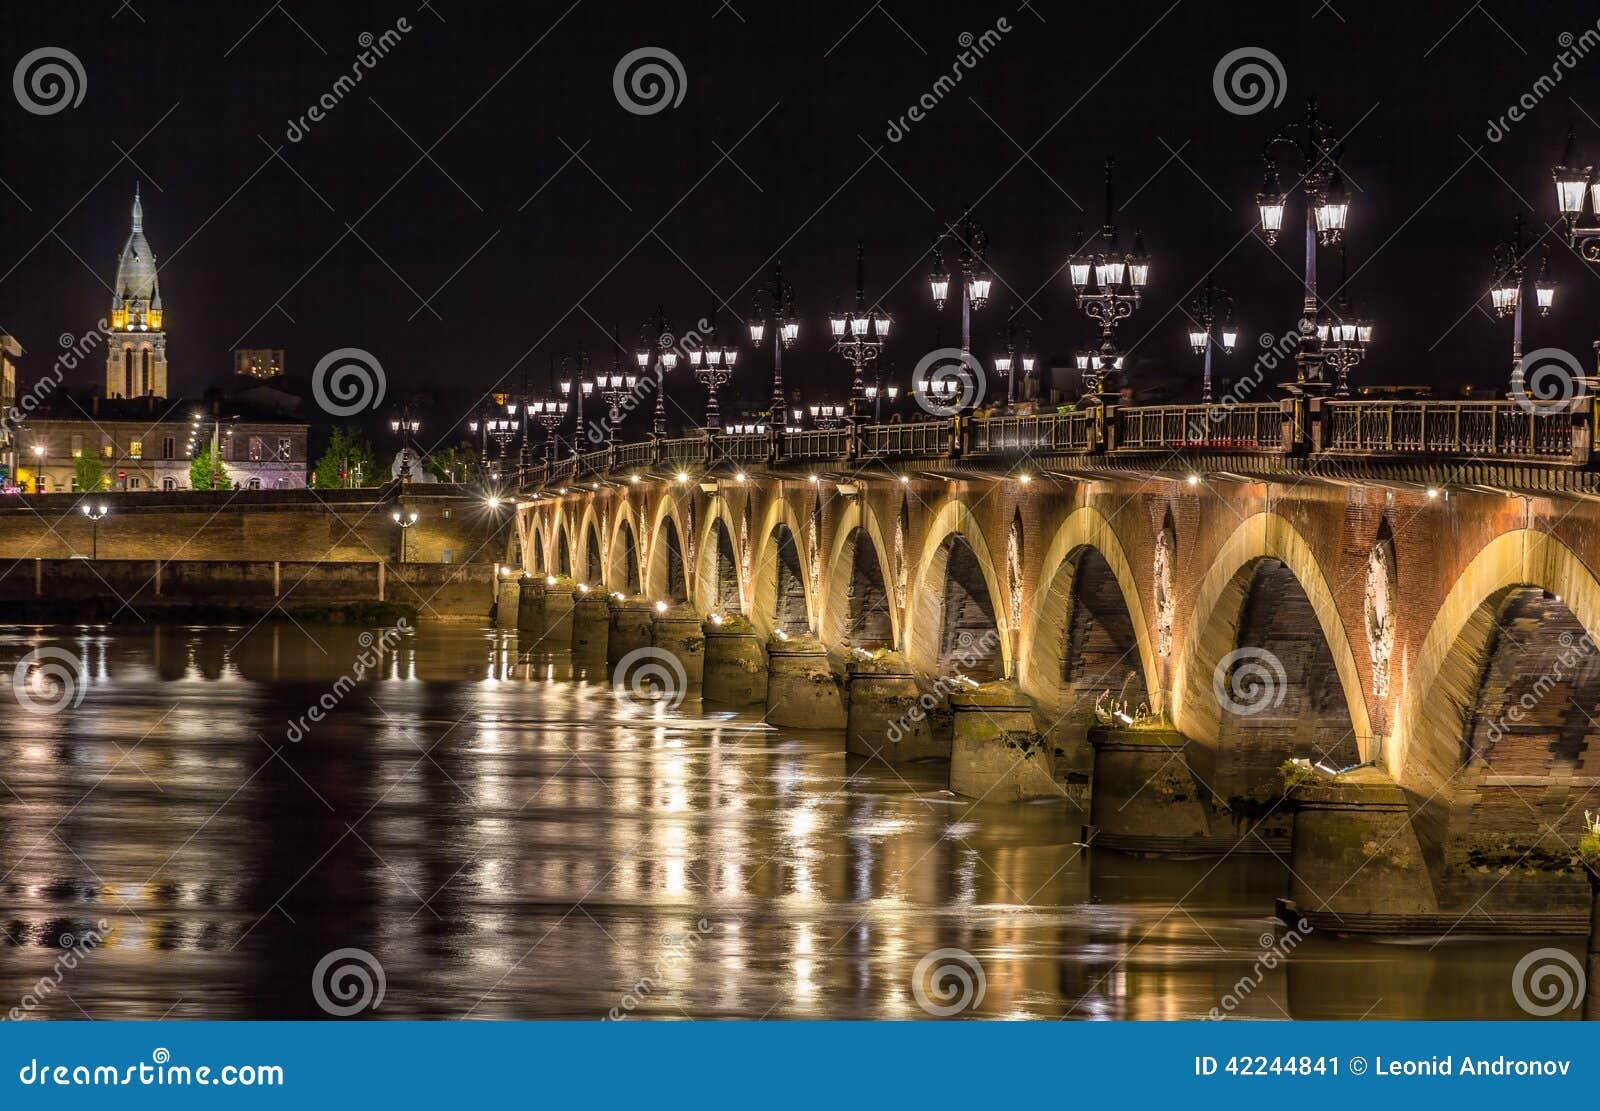 Άποψη νύχτας Pont de Pierre στο Μπορντώ - Aquitaine, Γαλλία